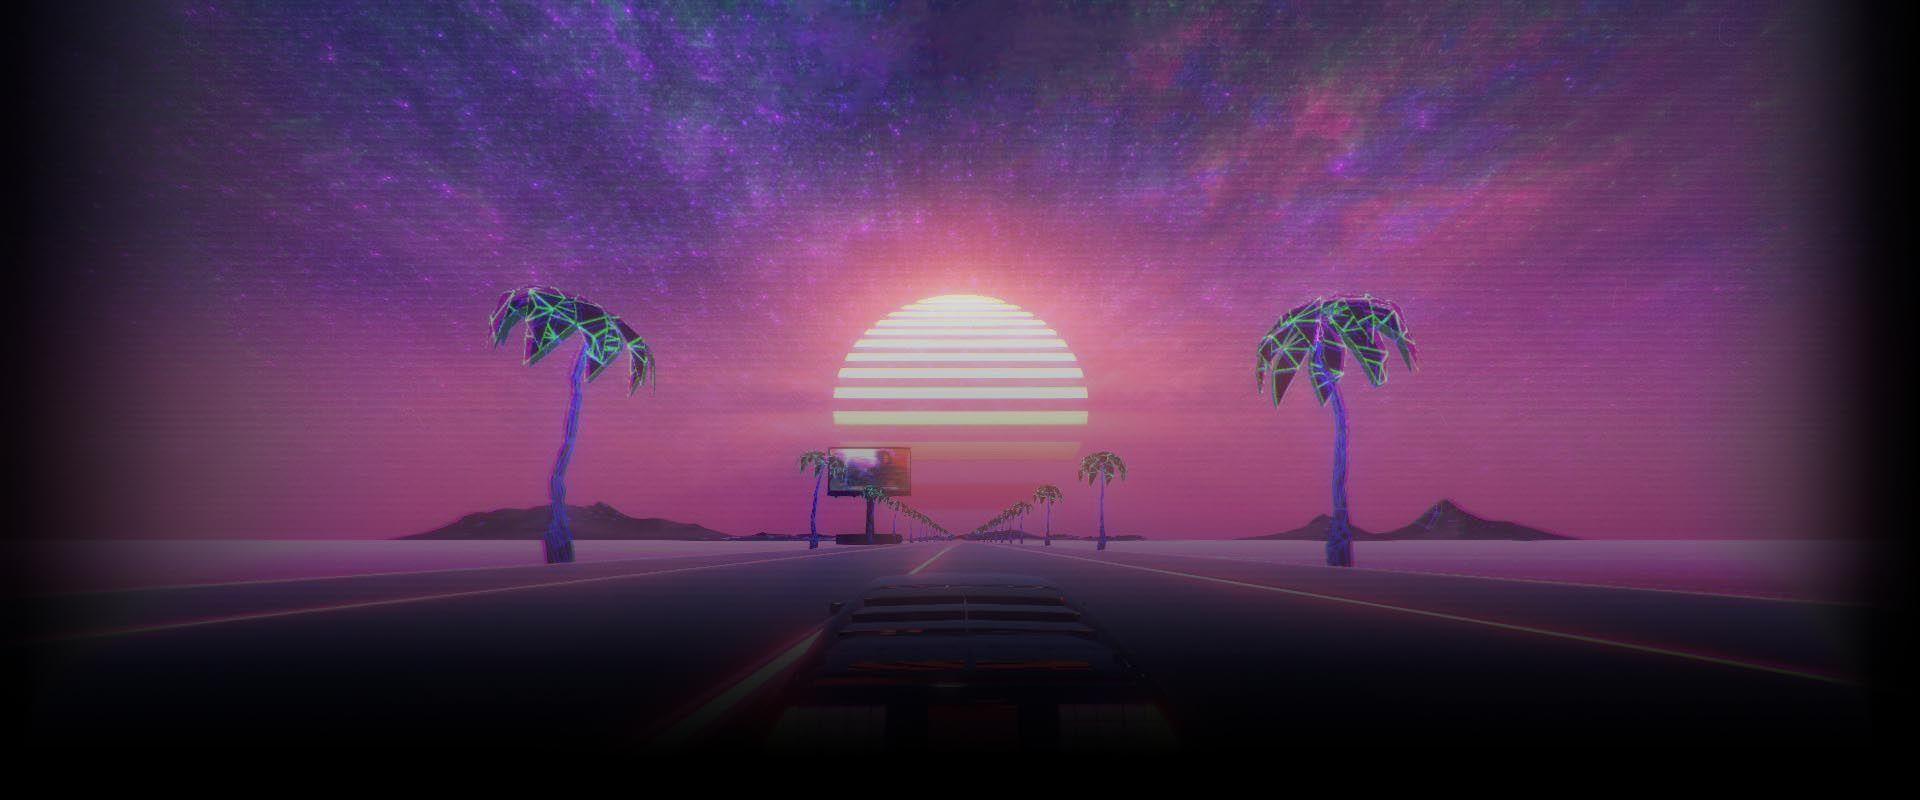 Soobshestvo Steam Rukovodstvo Vybor Fona Dlya Profilya Neon Palm Tree New Wallpaper Wallpaper